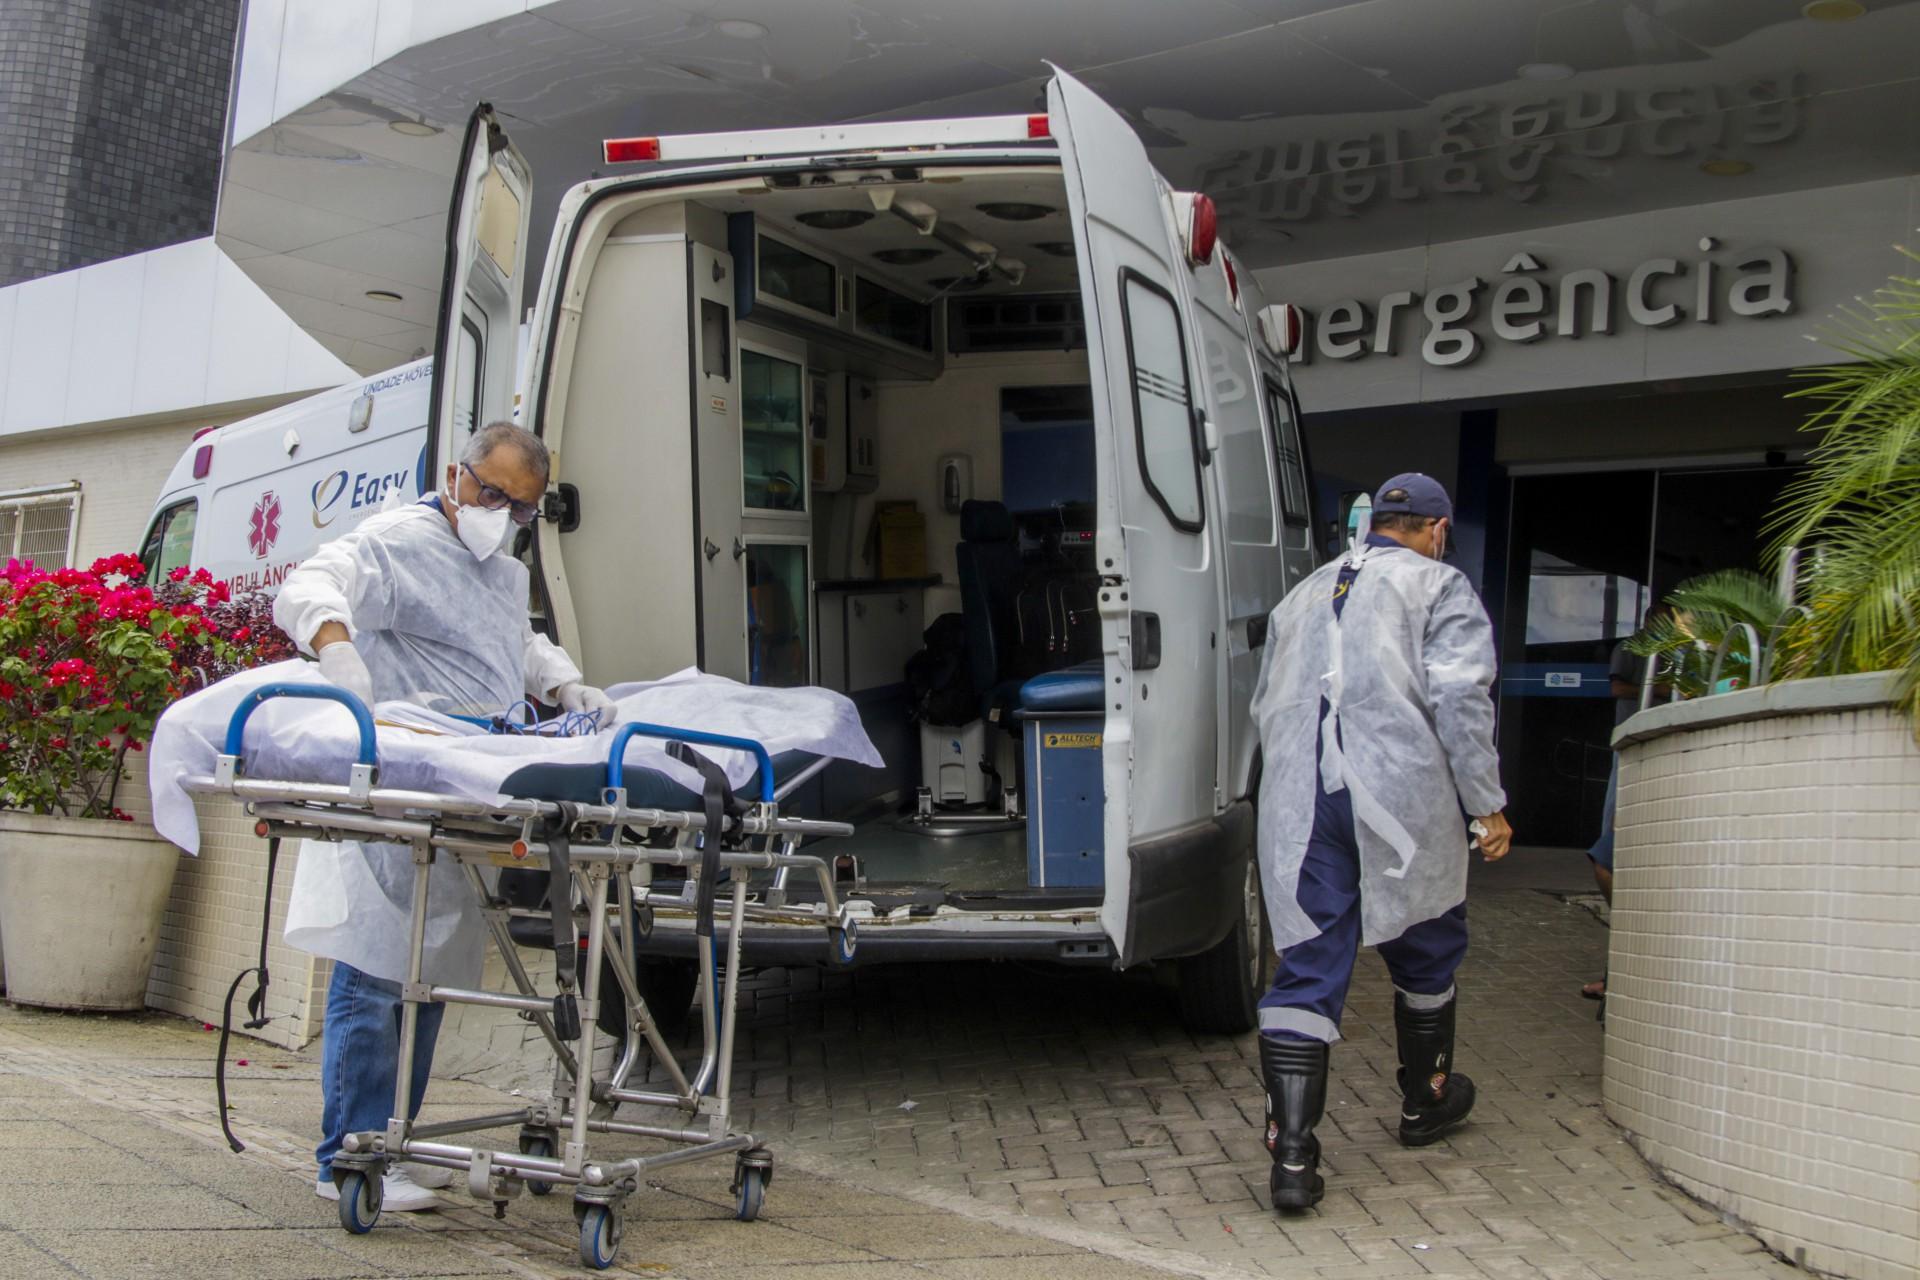 FORTALEZA, CE, BRASIL, 23.03.2021: Hospital Hapvida na Av. Aguanambi (Foto: Thais Mesquita/OPOVO) (Foto: Thais Mesquita)